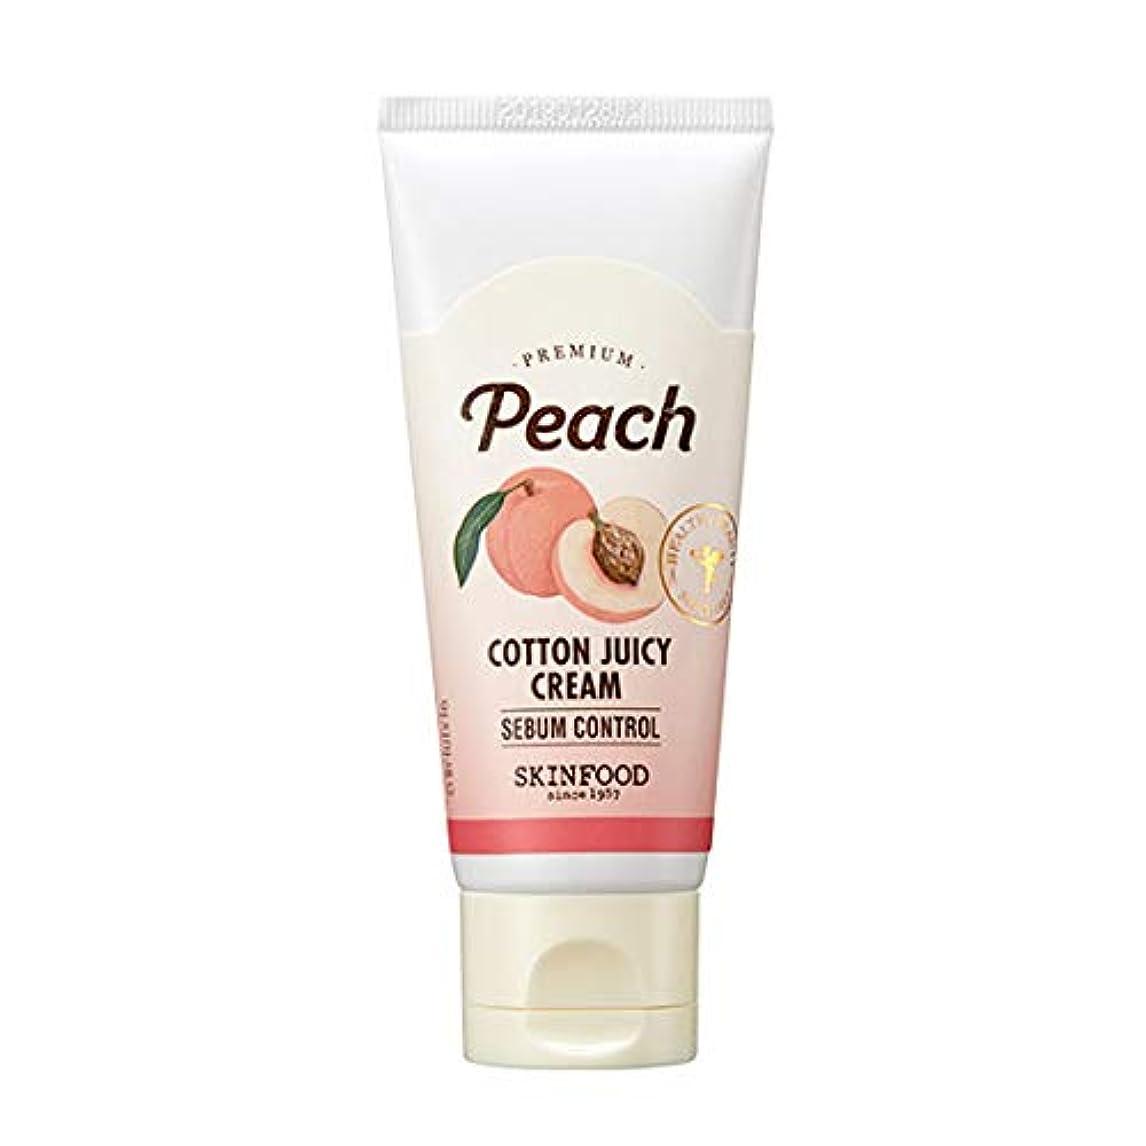 スペル数字メンテナンスSkinfood プレミアムピーチコットンジューシークリーム/Premium Peach Cotton Juicy Cream 60ml [並行輸入品]